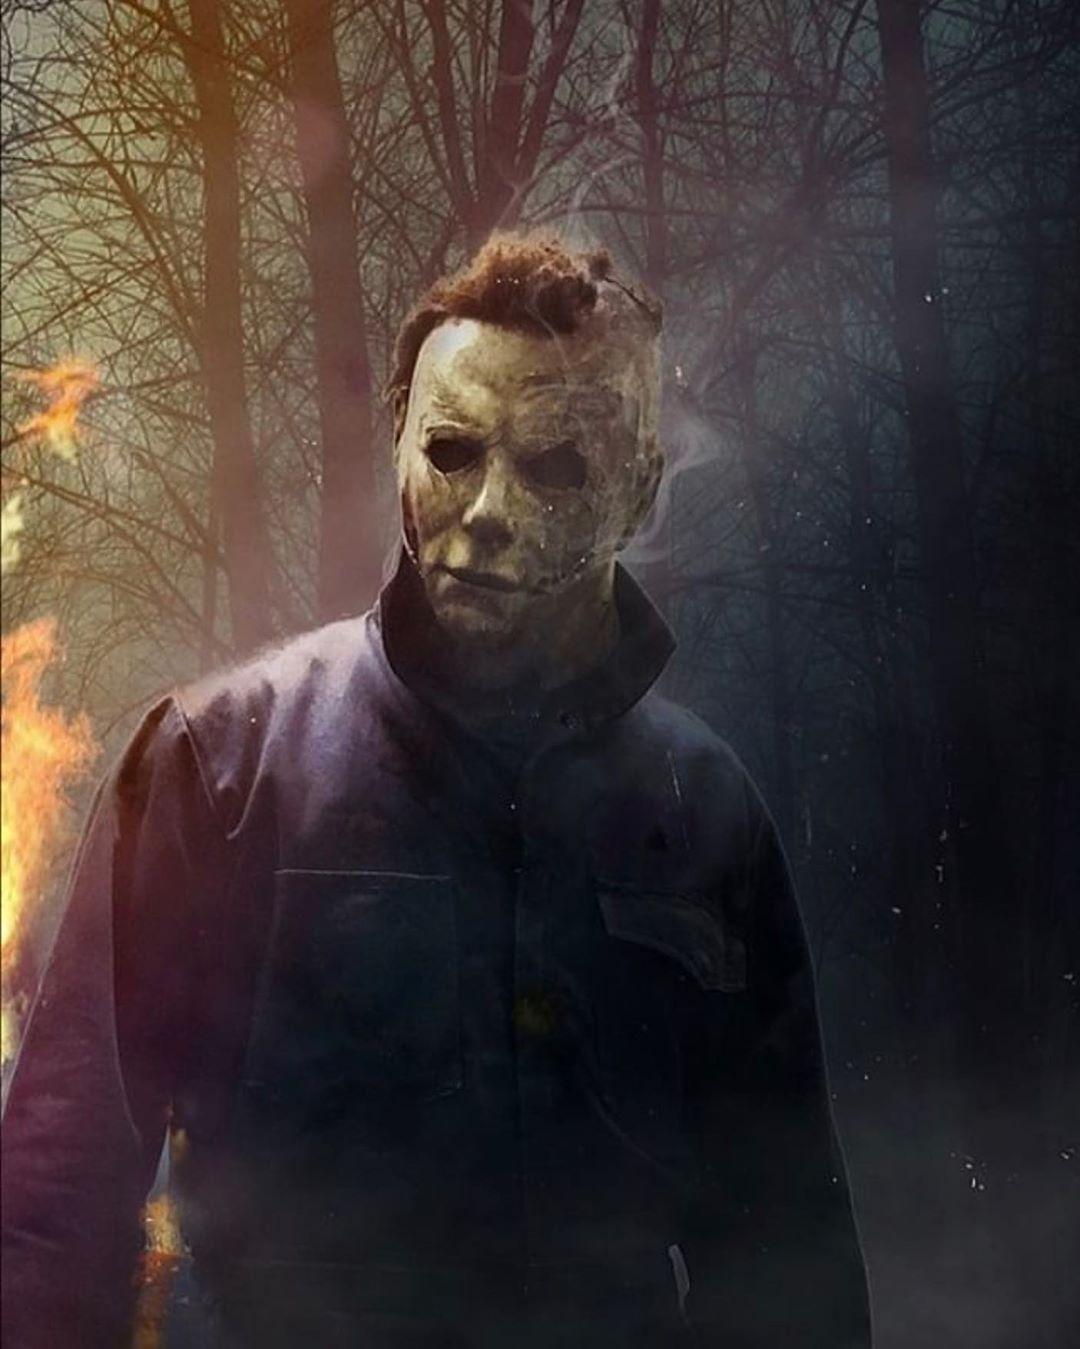 Halloween 2020 123movie Download Halloween Kills (2020) 123movies Online HD in 2020